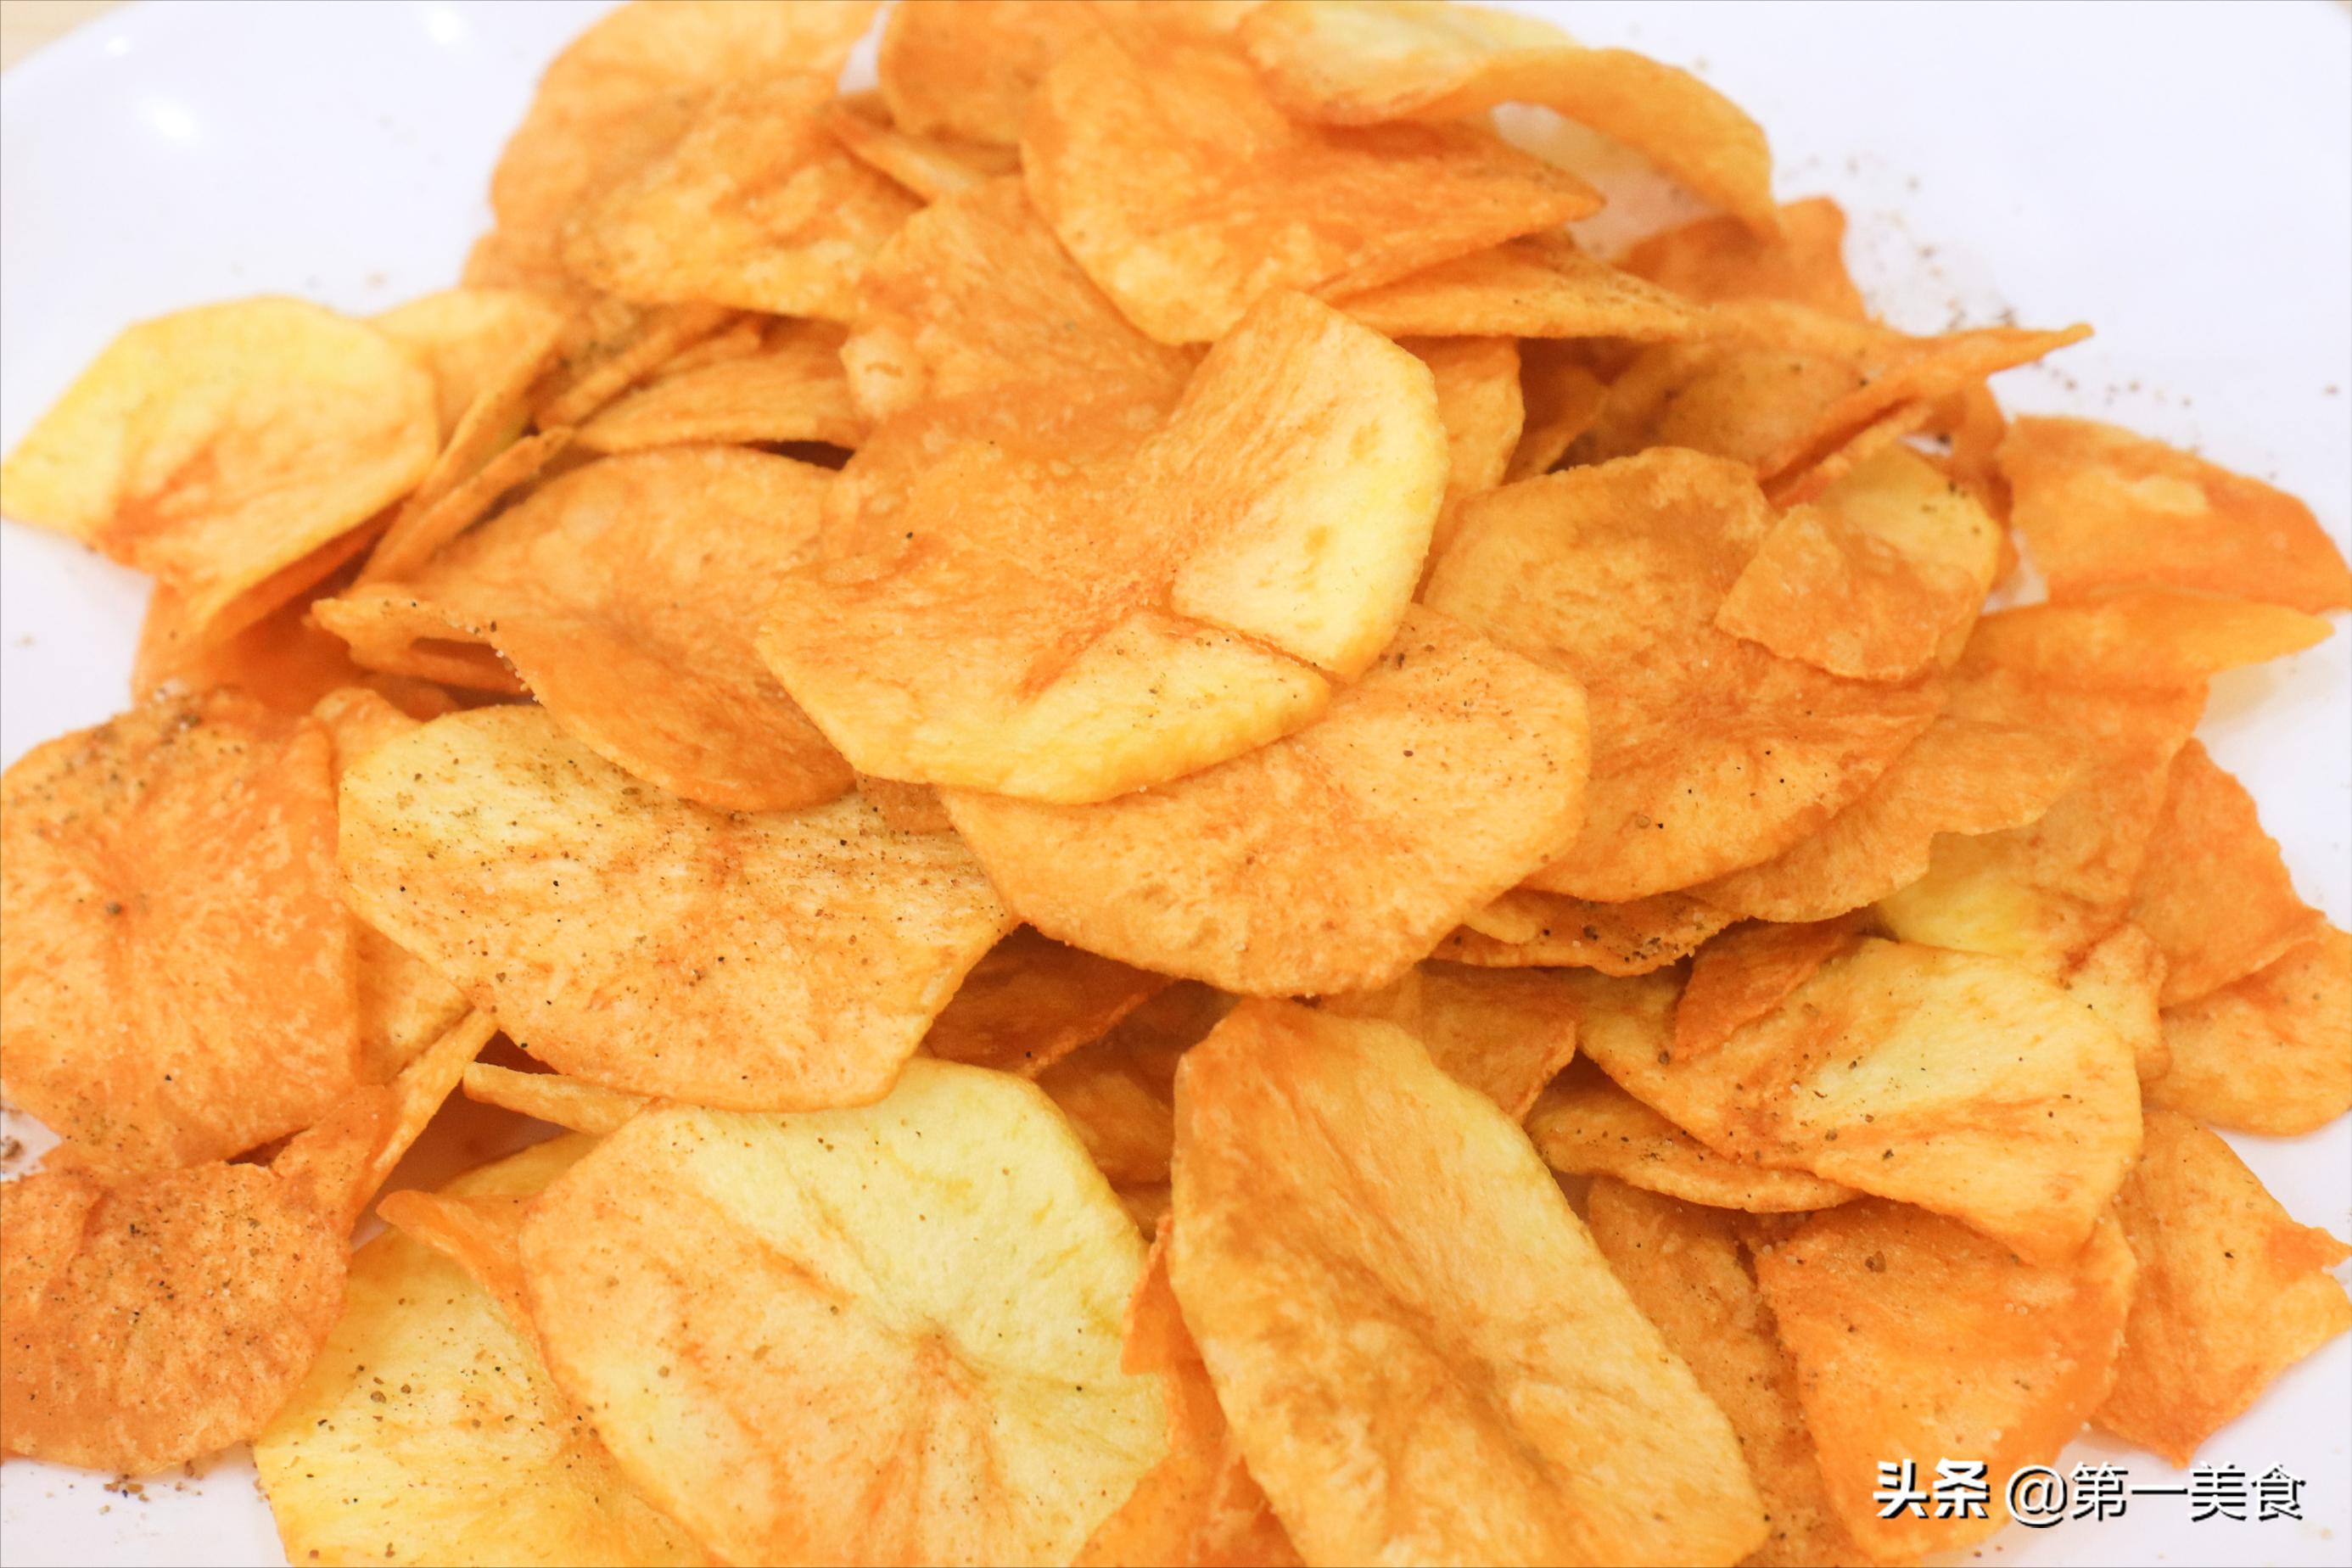 想吃薯片不用买,自己在家炸的一样嘎嘣脆,三个土豆炸一大锅